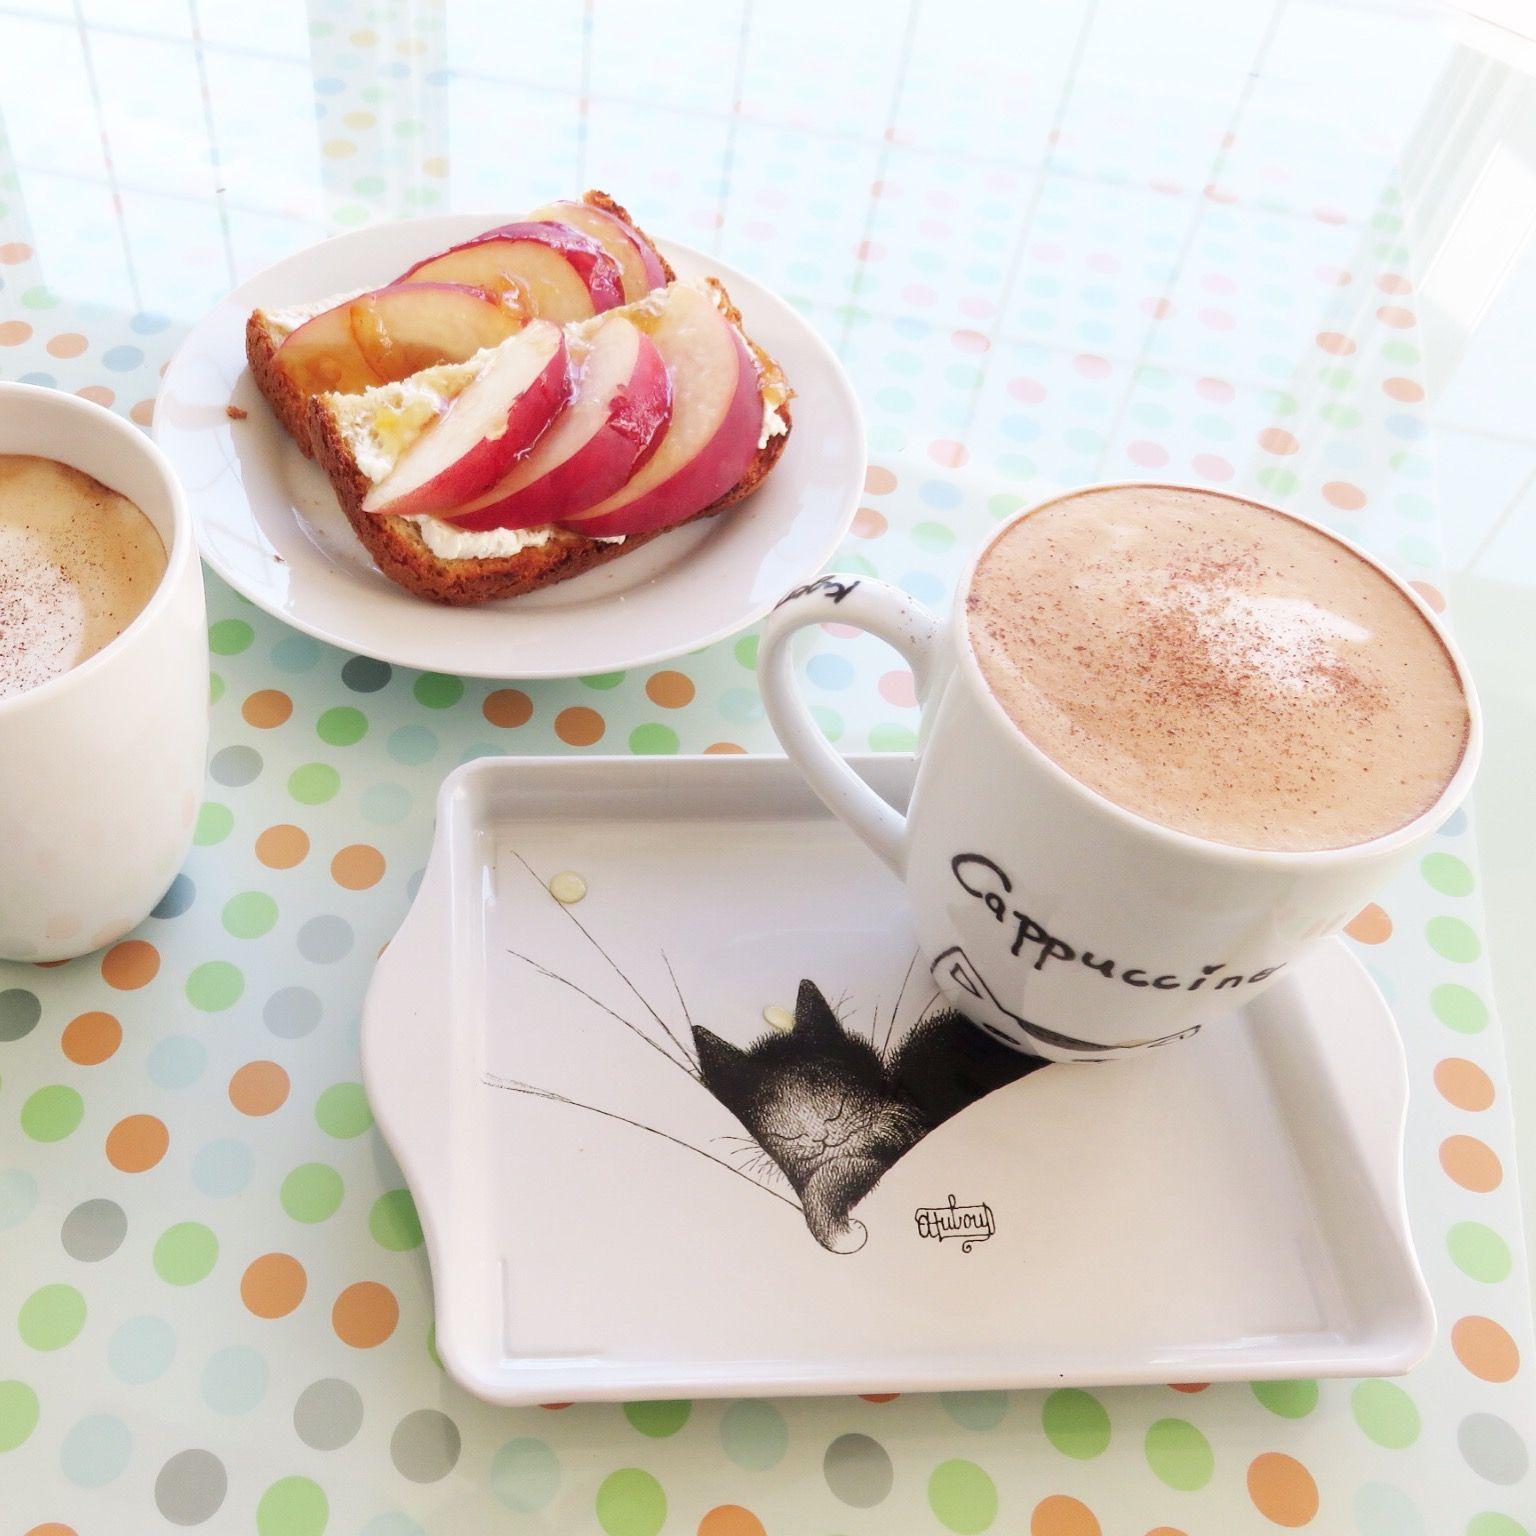 Cappuccino and peach open sandwich. 오늘아침은 간단히 토스트에 크림치즈, 유자꿀과 복숭아를 얹은 오픈 샌드위치와 카푸치노 한잔으로 땡침!